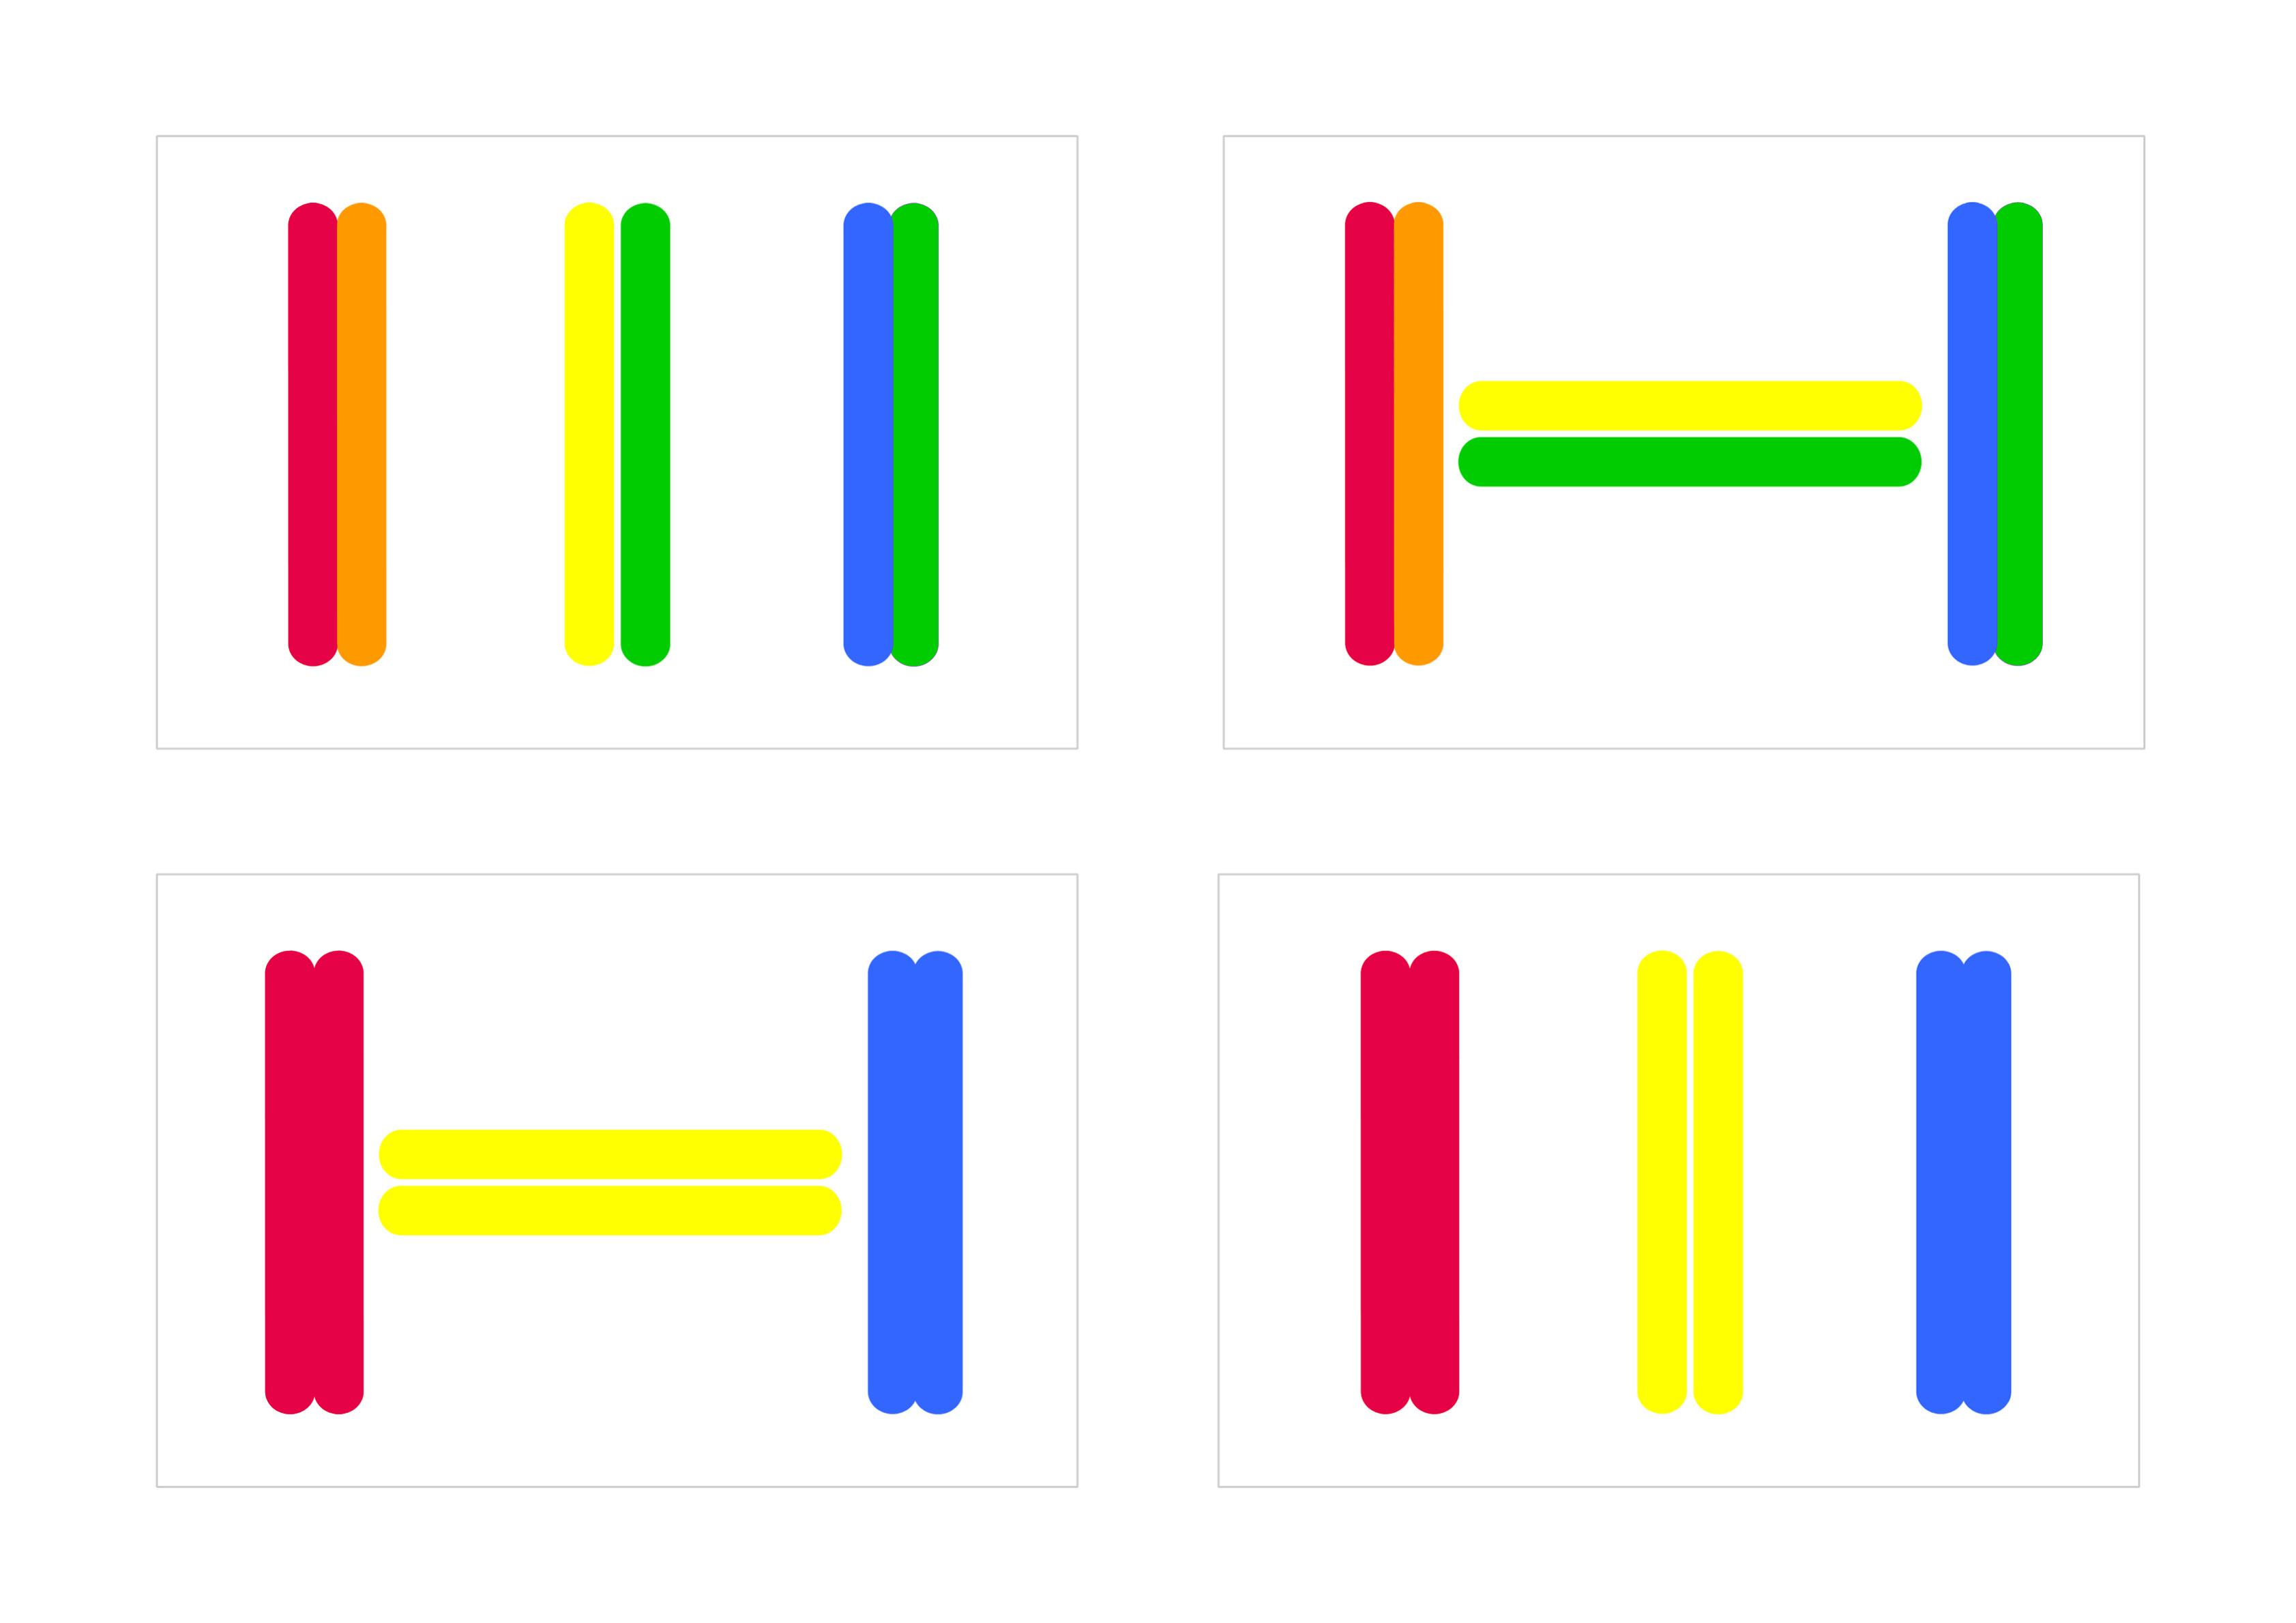 juego de logica con palos de colores